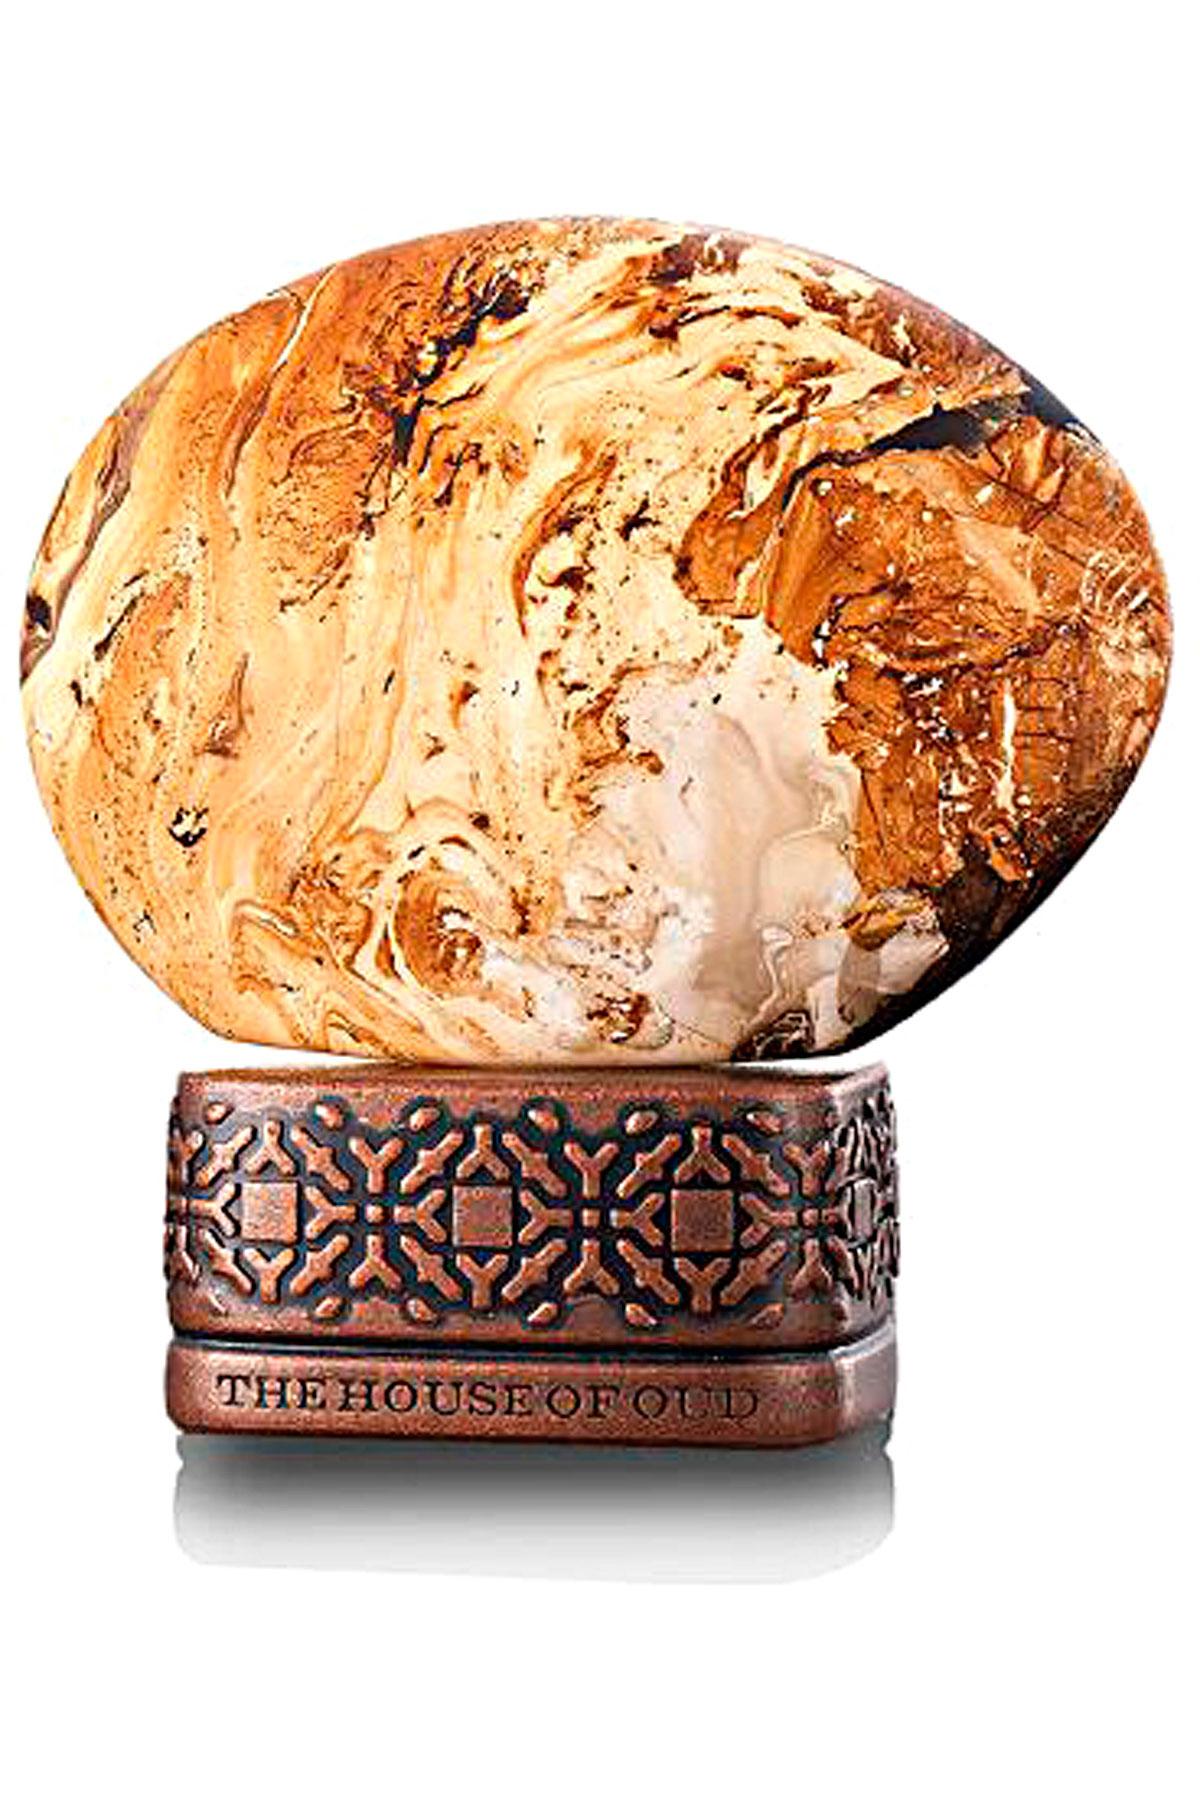 The House Of Oud Fragrances for Men, The Crop - Crop 2016 - Eau De Parfum - 75 Ml, 2019, 75 ml